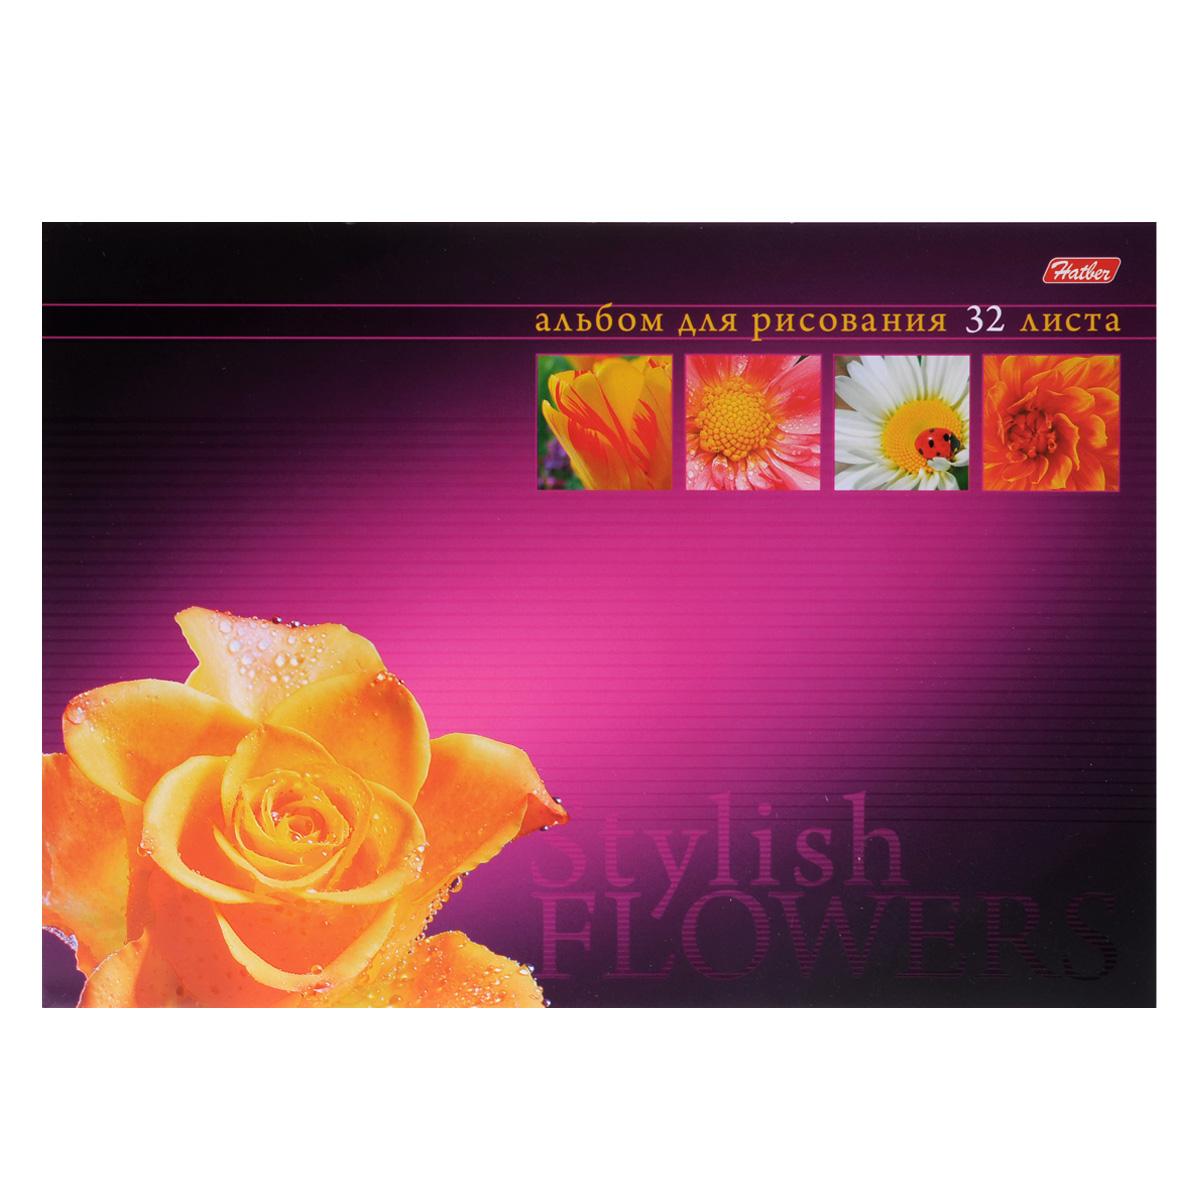 """Альбом для рисования Hatber """"Магия цветов"""", 32 листа"""